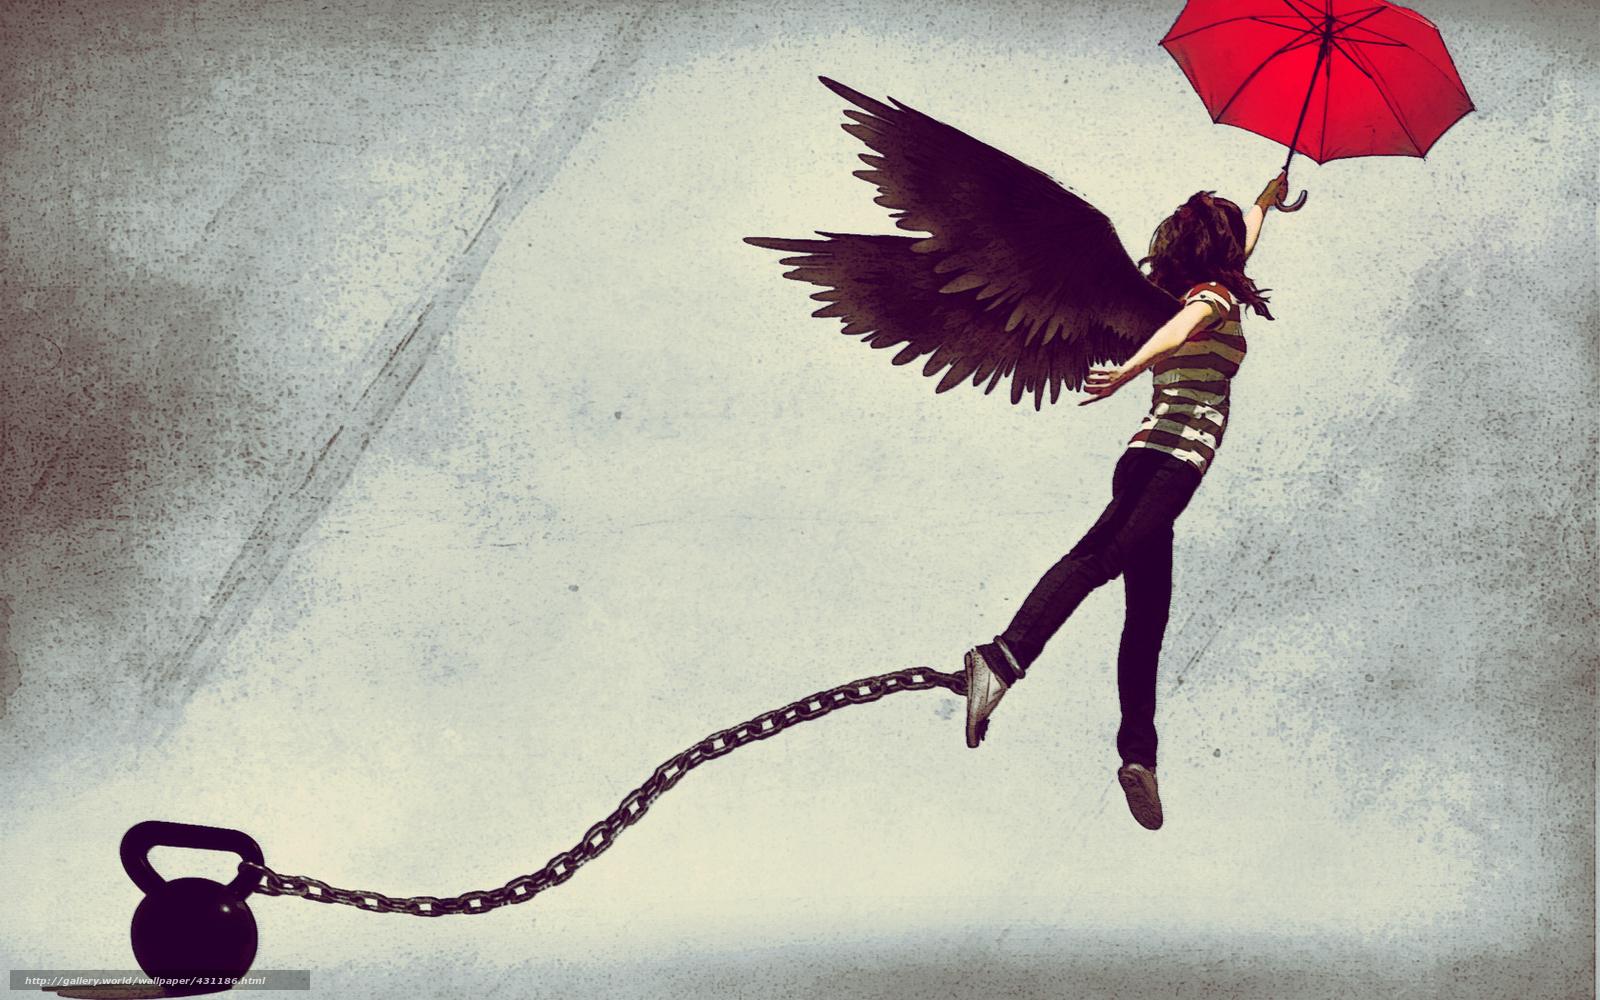 Não percas tempo a desmineralizar as lágrimas do céu, pois as asas não enferrujam,  se forem usadas com frequência, mesmo debaixo das nuvens mais carregadas …